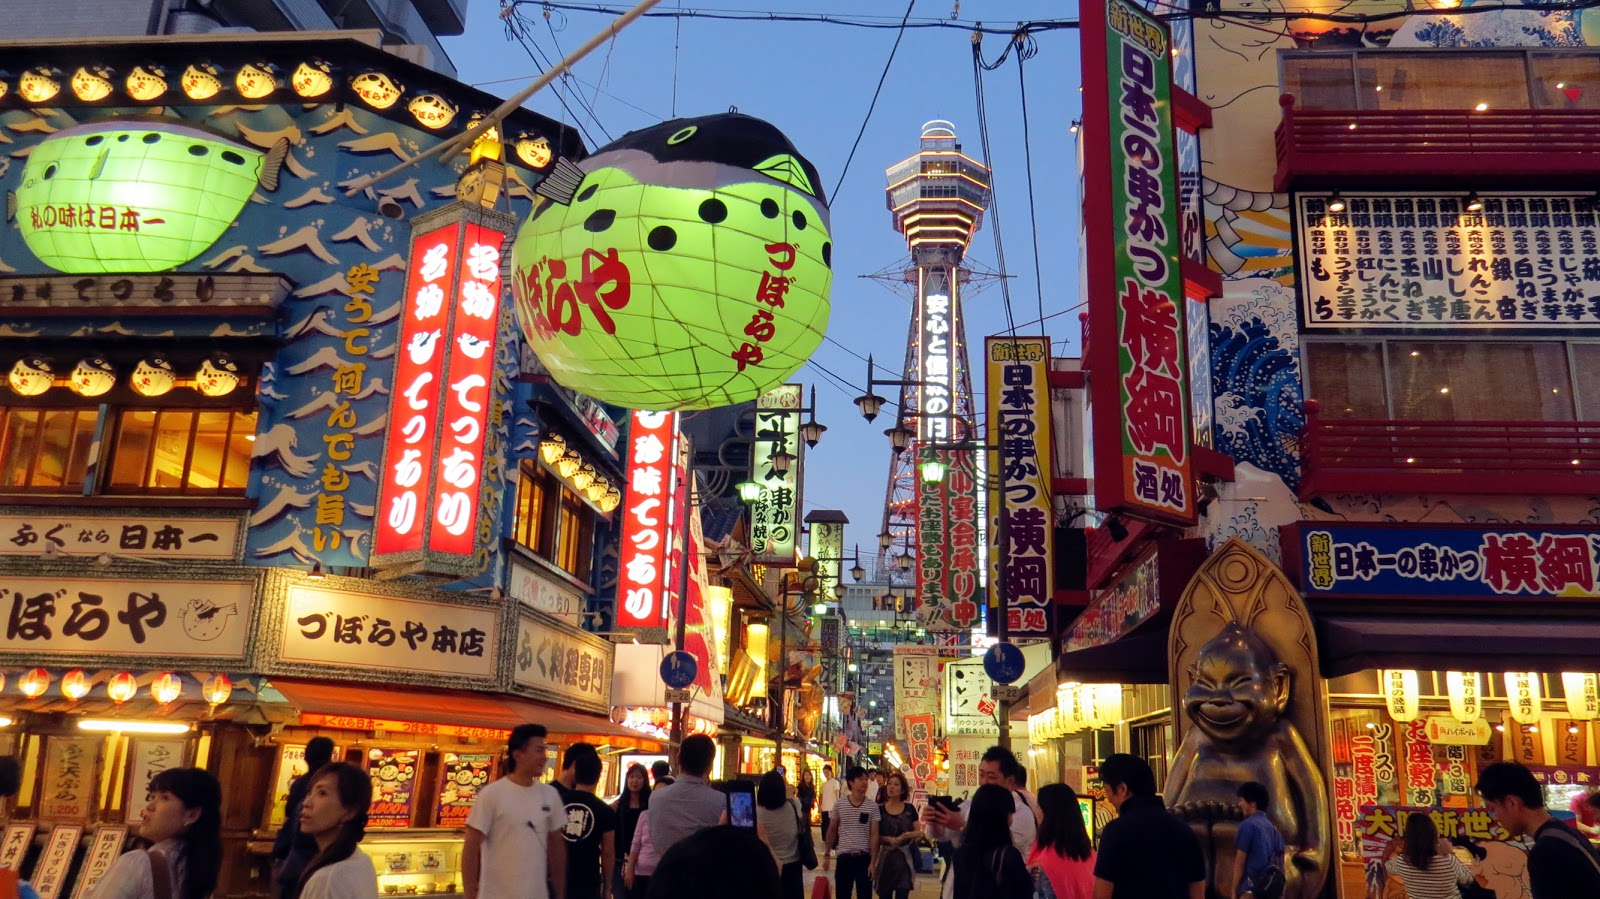 【日本自由行】通天閣,大阪的精神象徵,卻也是令人失望的景點? - 咖尼馬管家的筆記